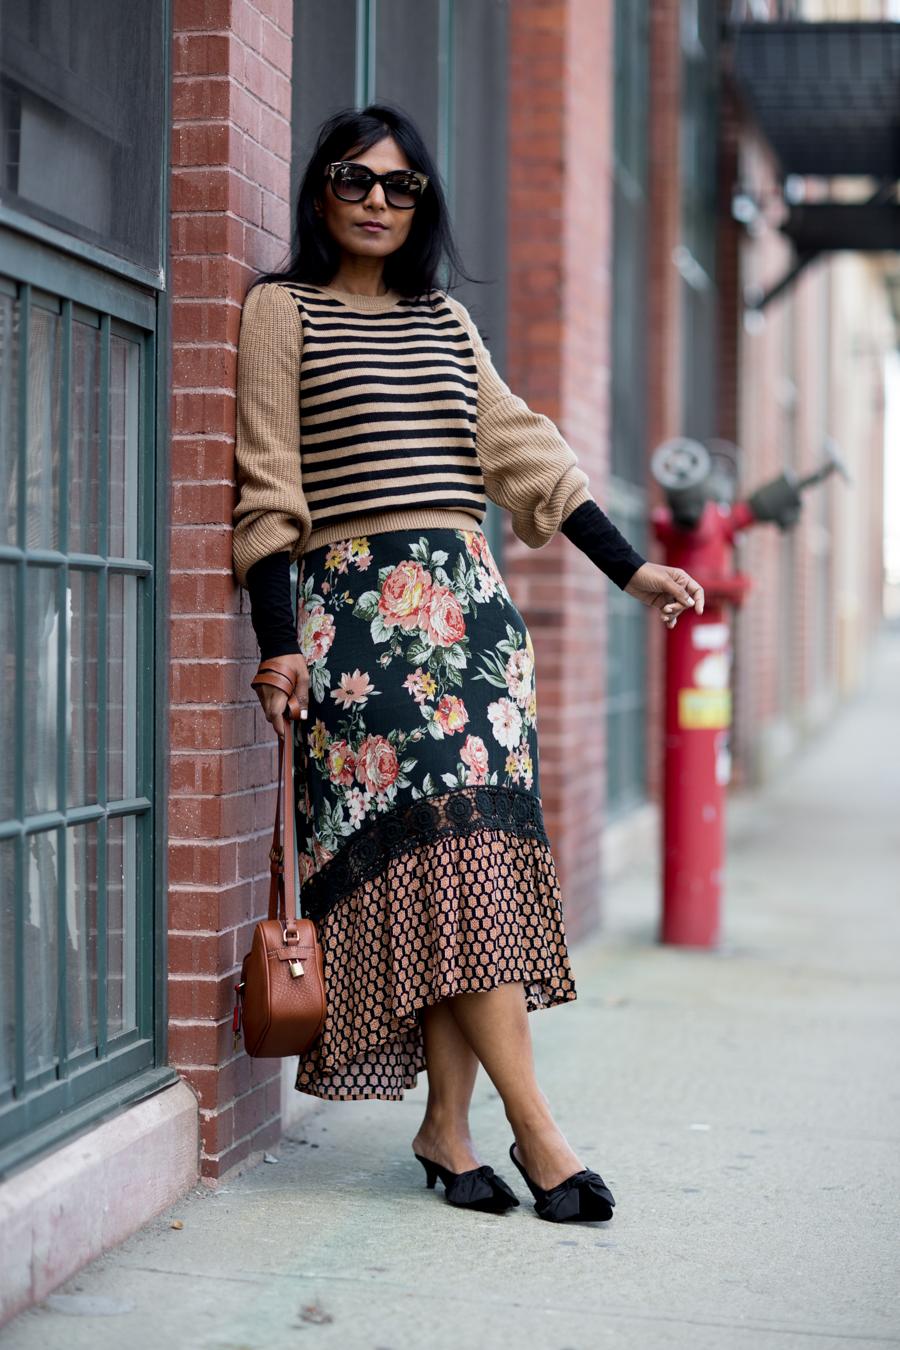 Boston Street Style: Boston Fashion, Boston Style 100